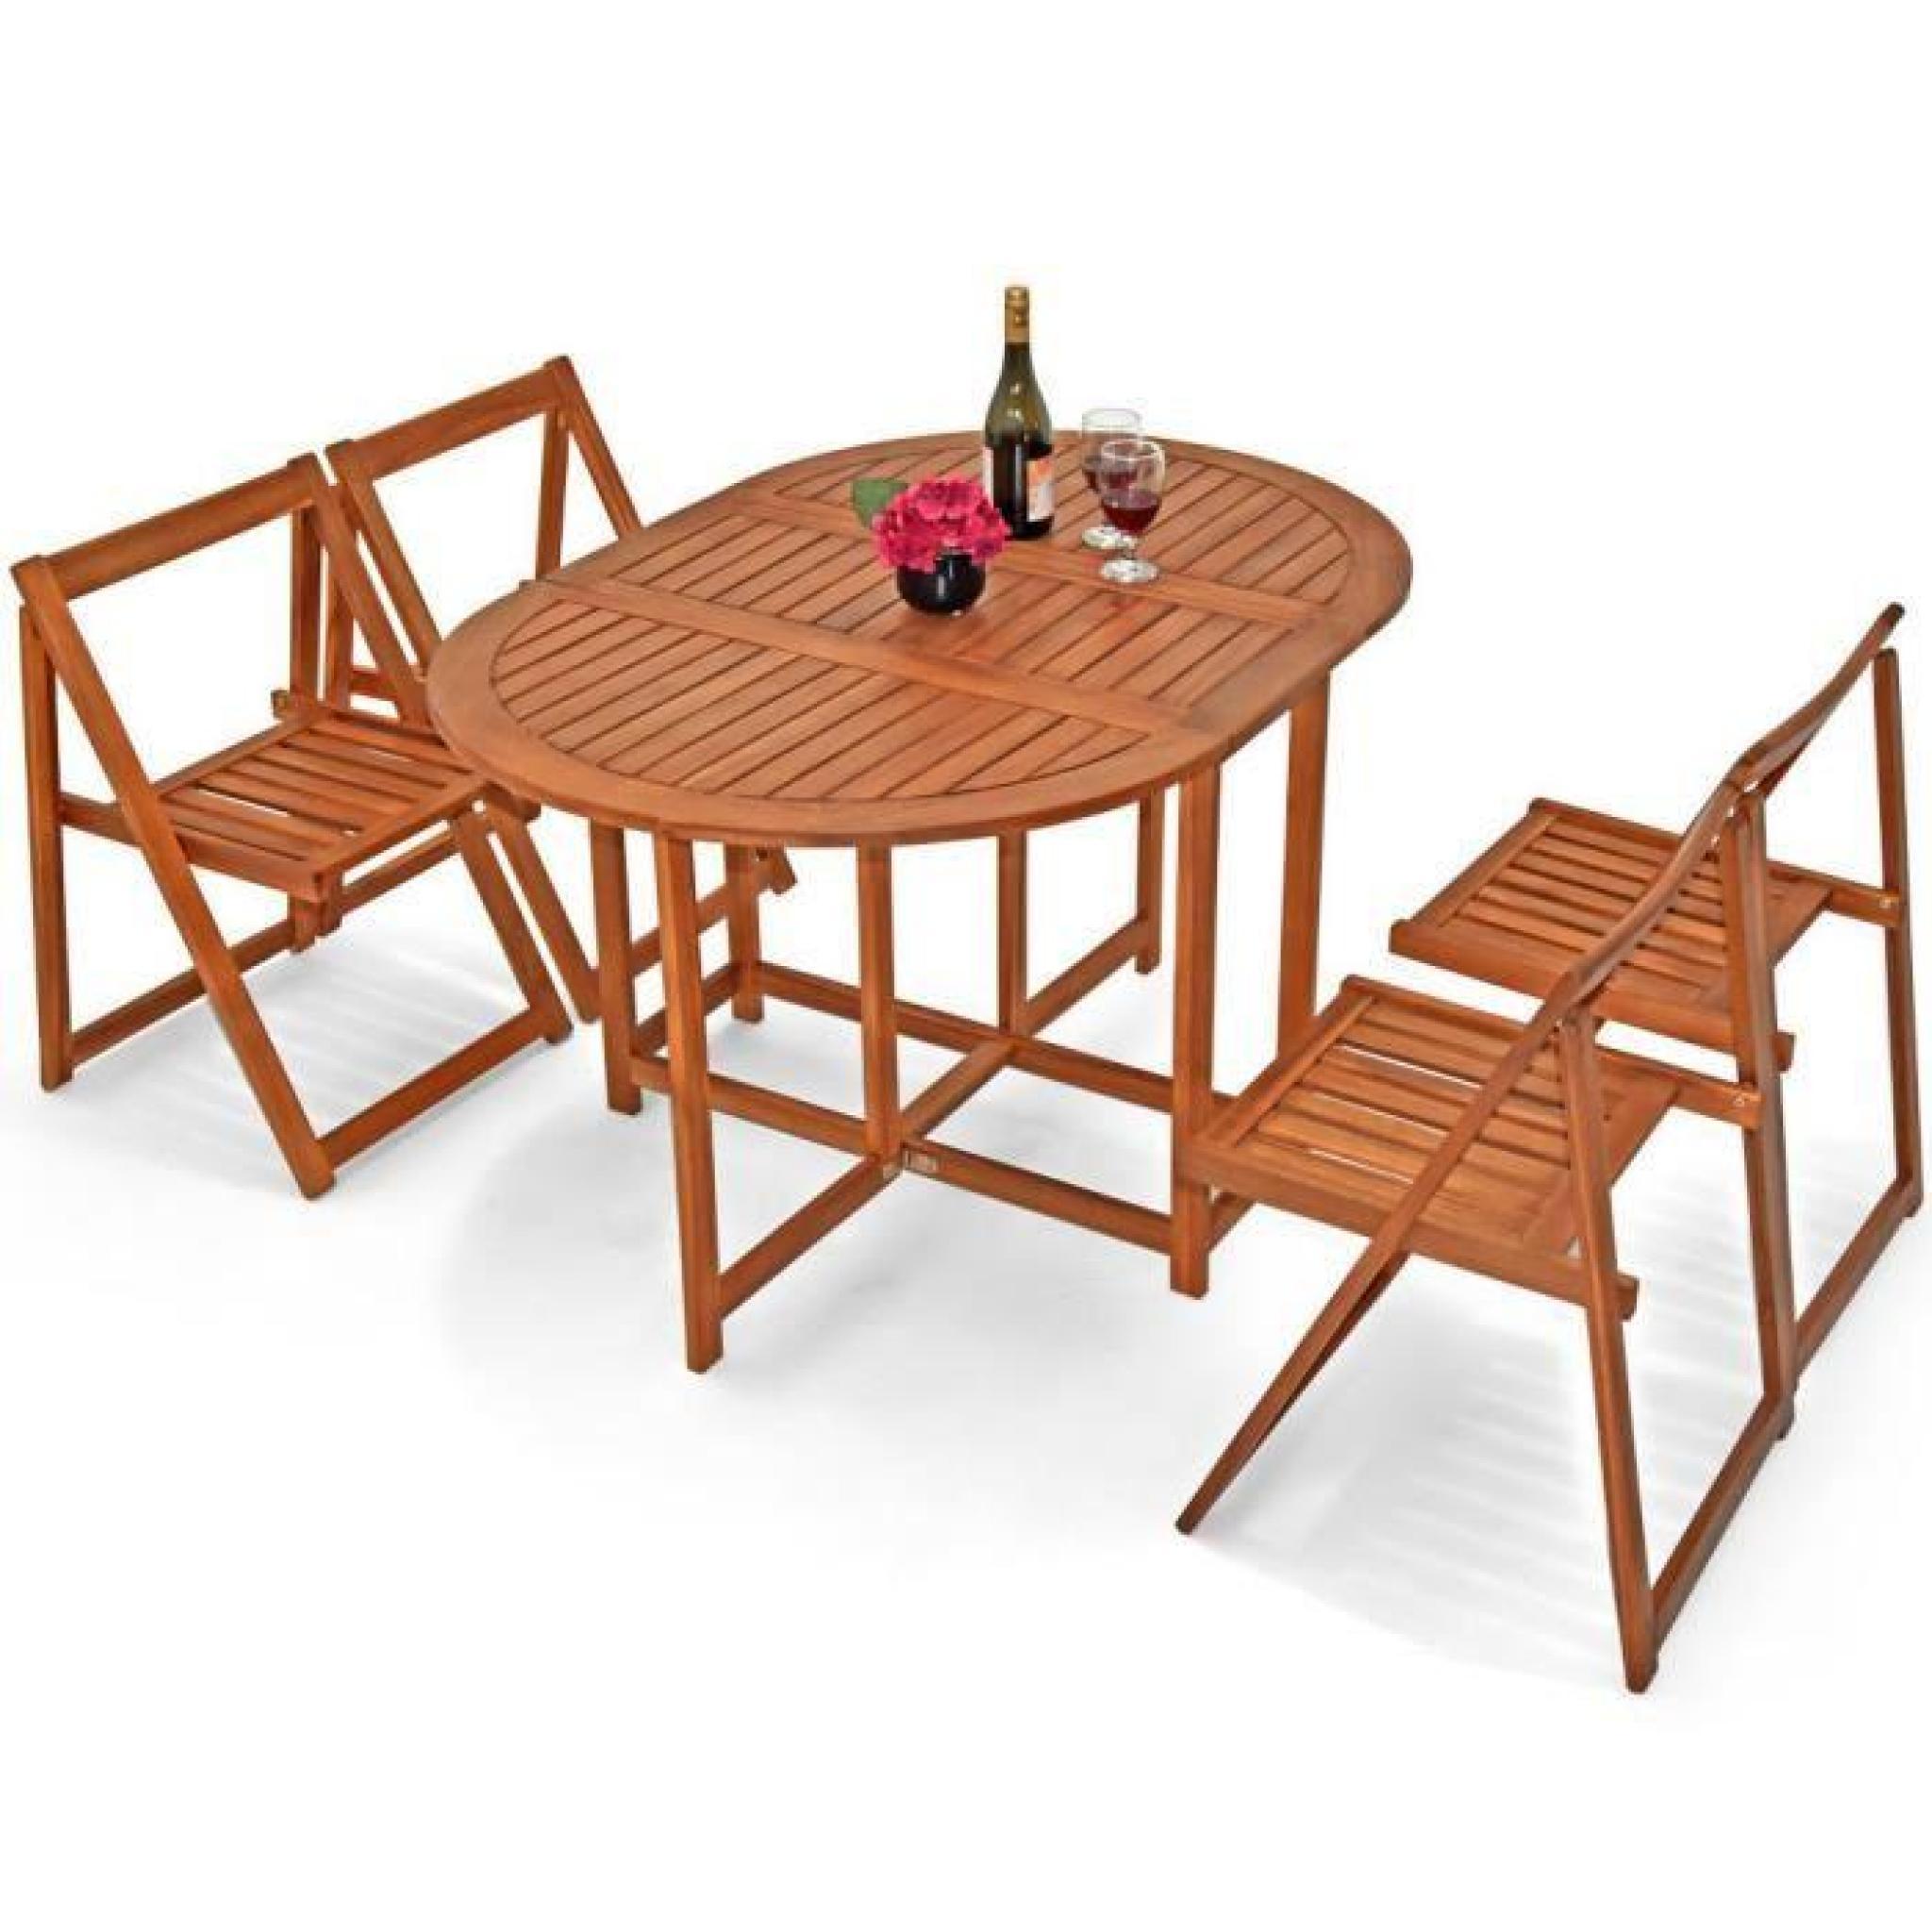 set meuble balcon jardin 5 pi ces bois acacia achat vente salon de jardin en bois pas cher. Black Bedroom Furniture Sets. Home Design Ideas